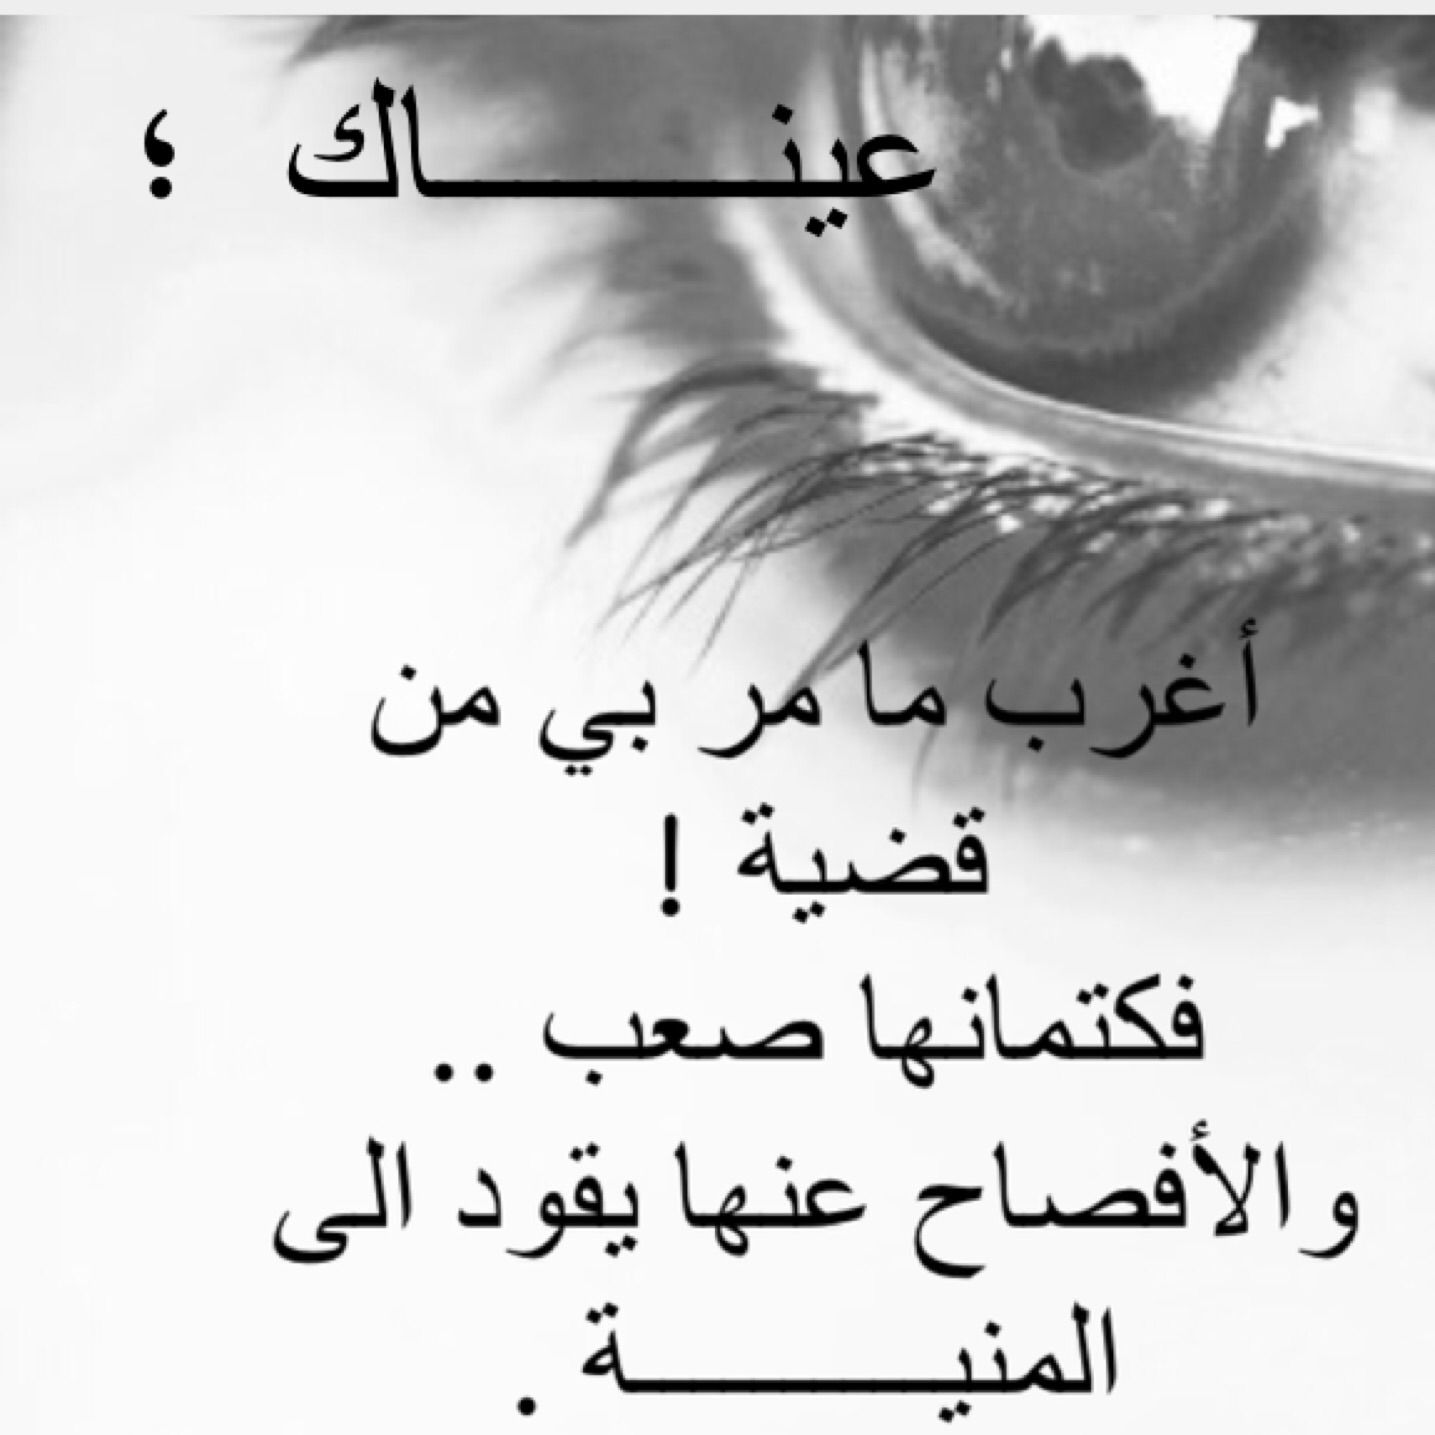 بالصور قصائد غزل فاحش , اروع اشعار الغزل لنزار قبانى 4985 11